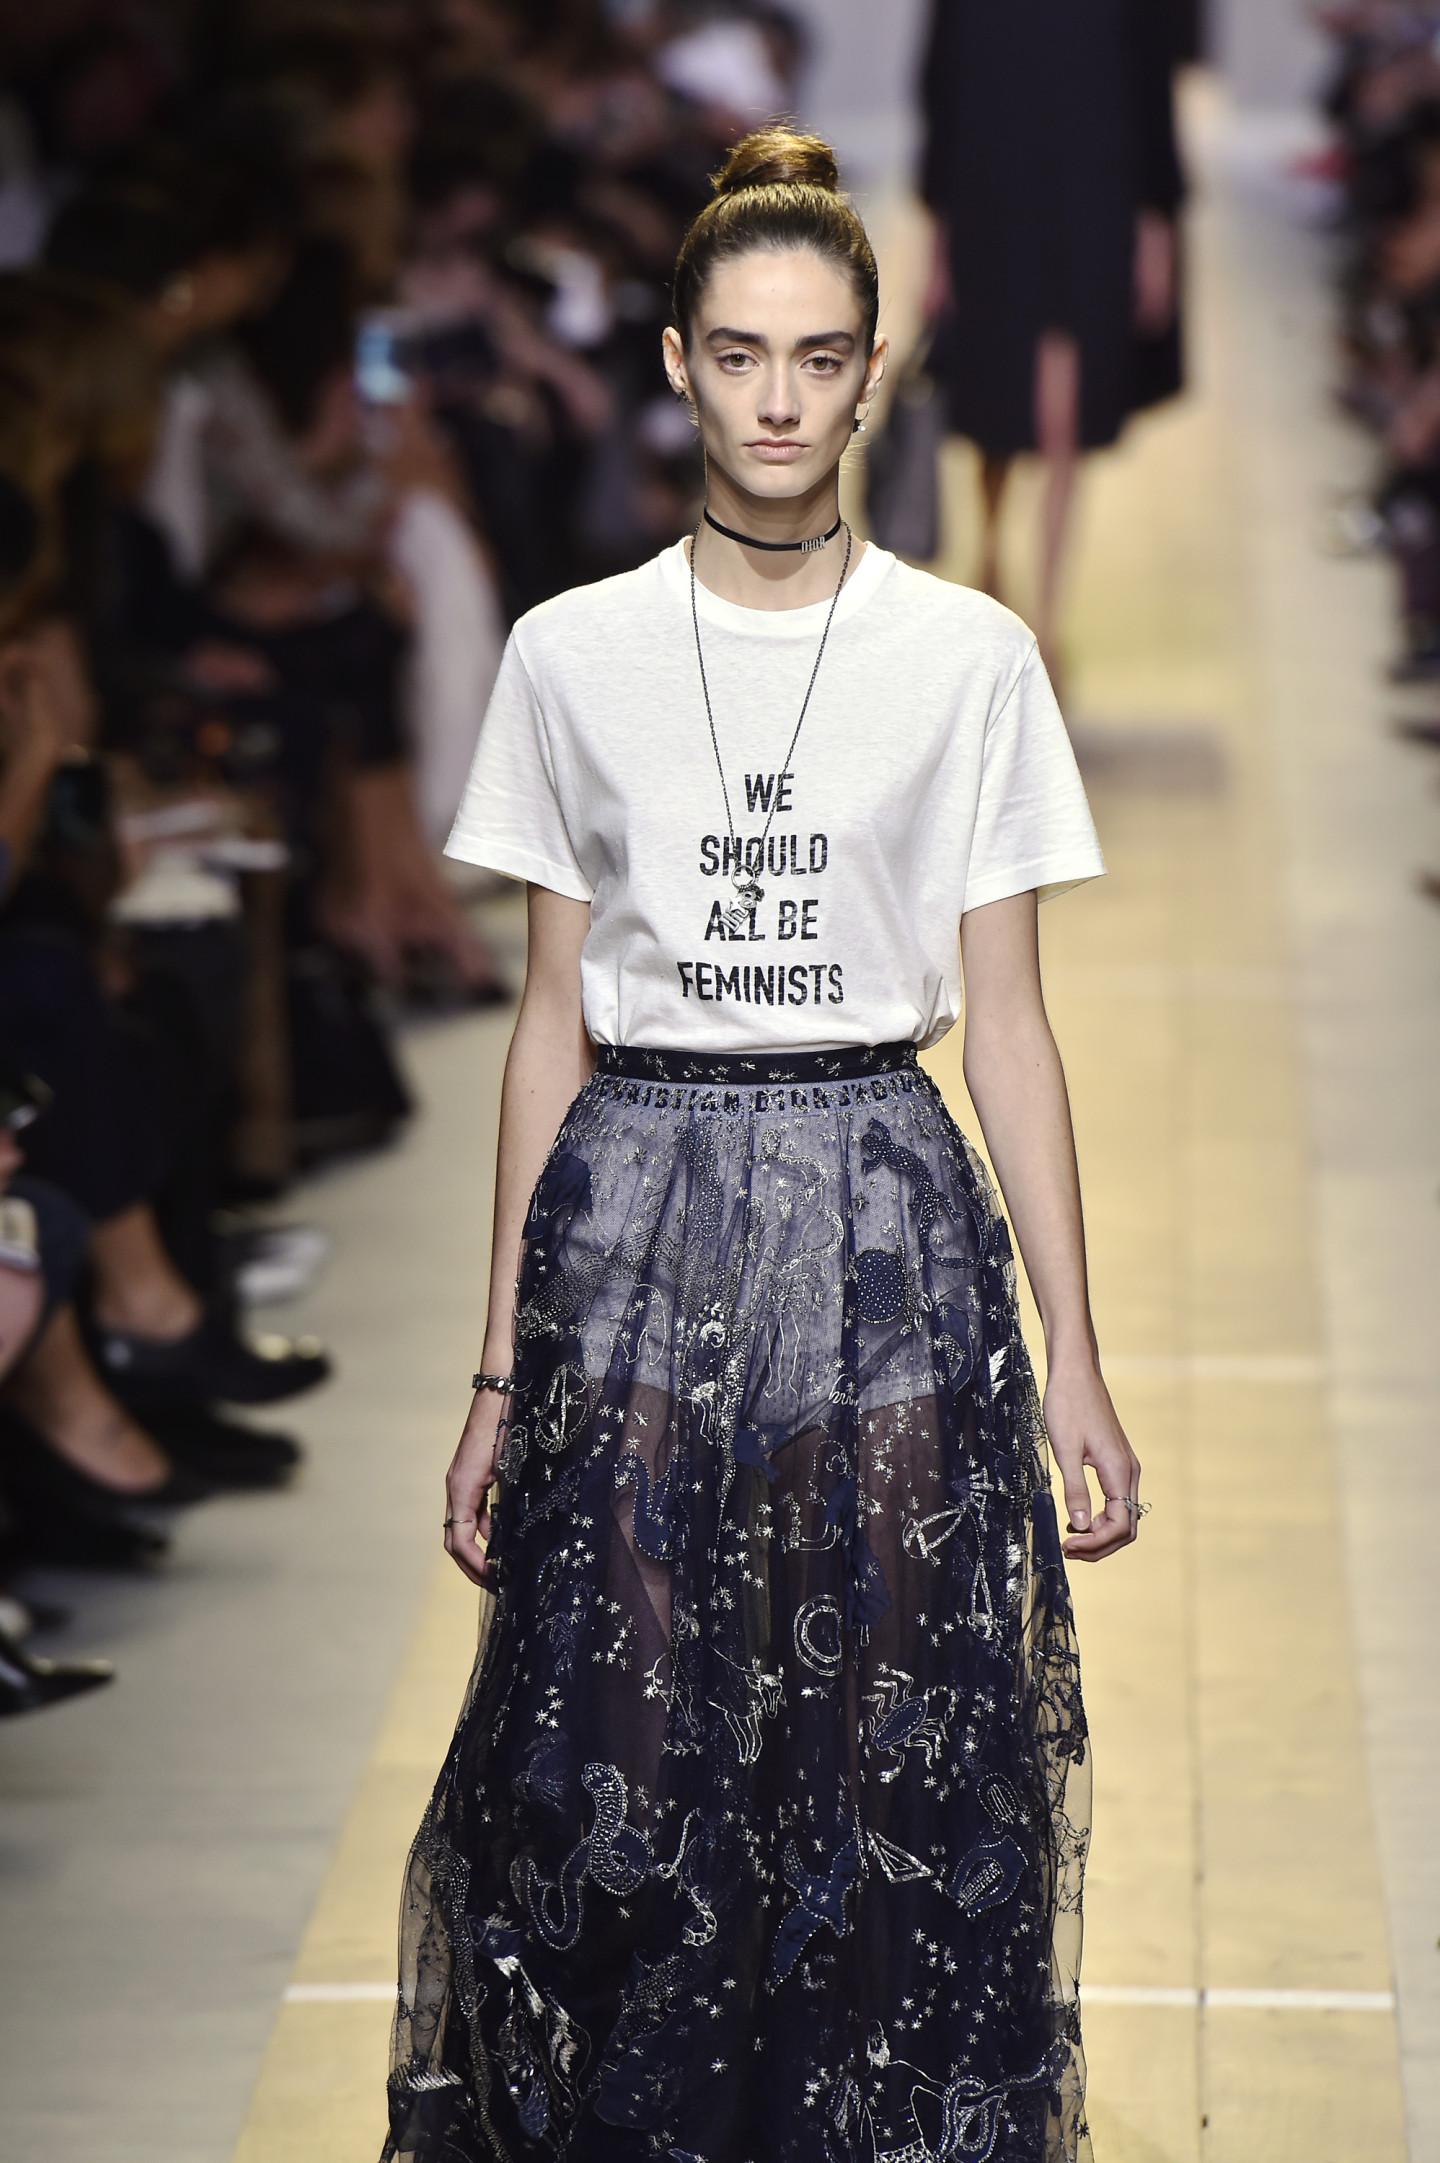 Показ коллекции Dior весна-лето 2017 в рамках Недели моды в Париже